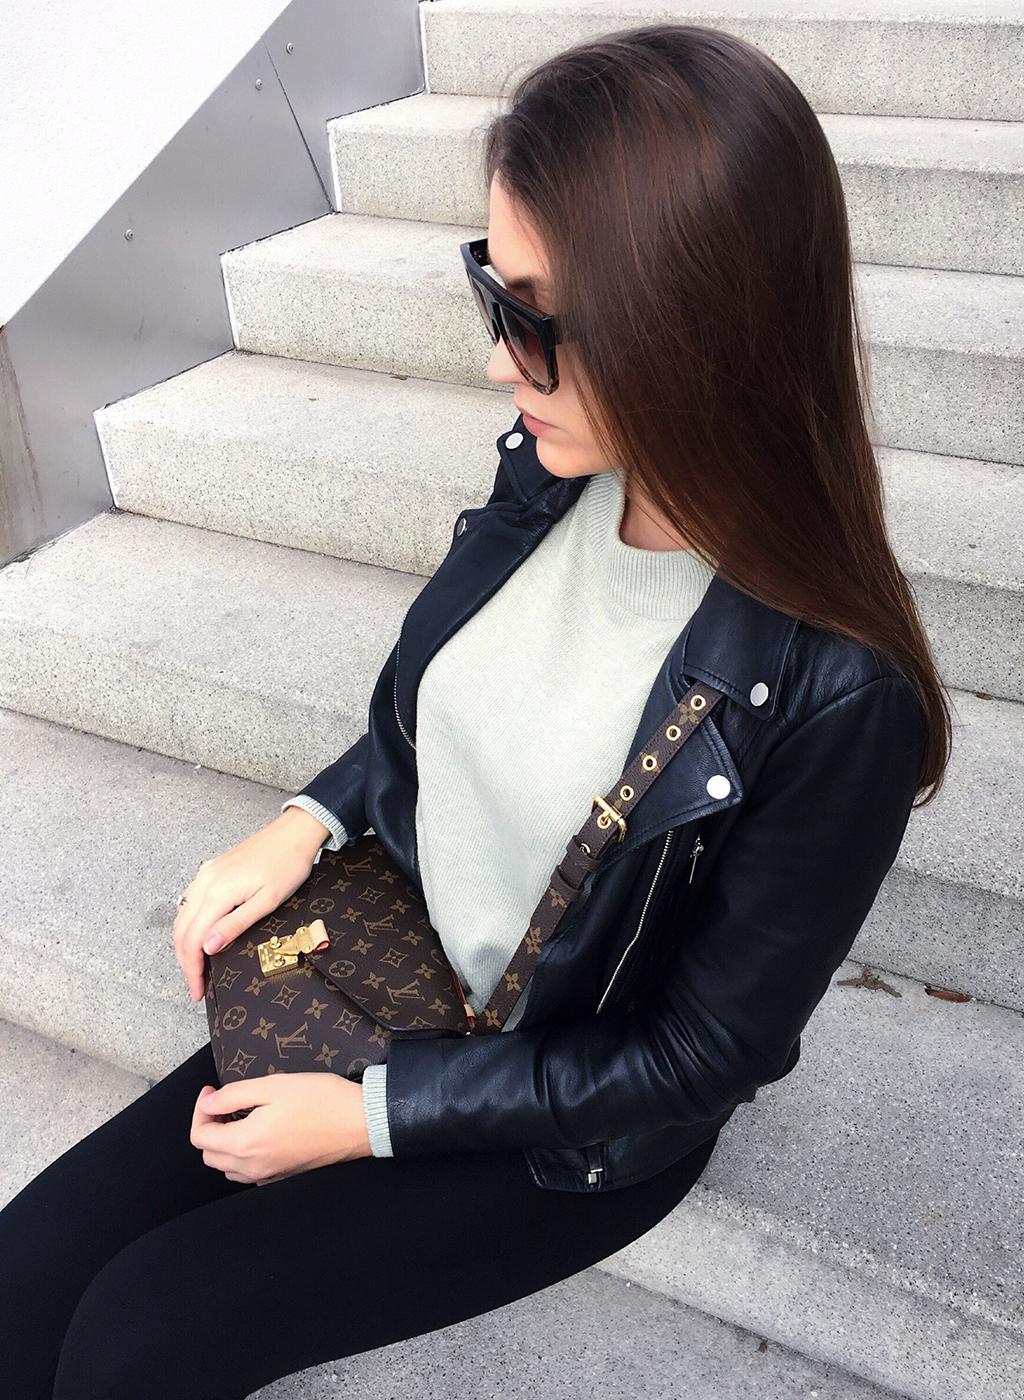 Black Leather Jacket Look